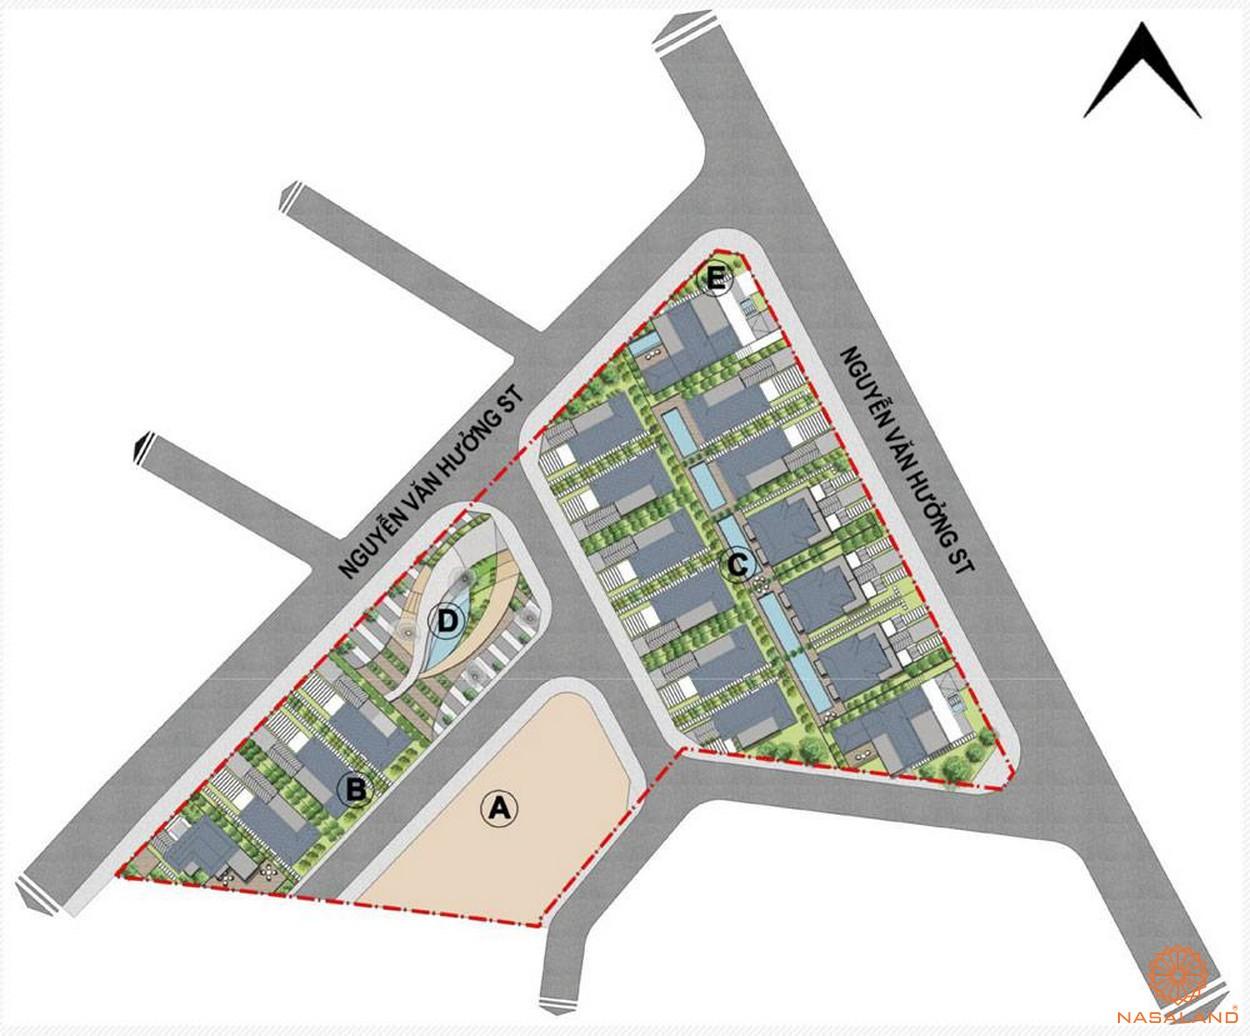 Mặt bằng tổng thể dự án biệt thự King Grown Village Thảo Điền Quận 2 Chủ đầu tư Bamboo Capital